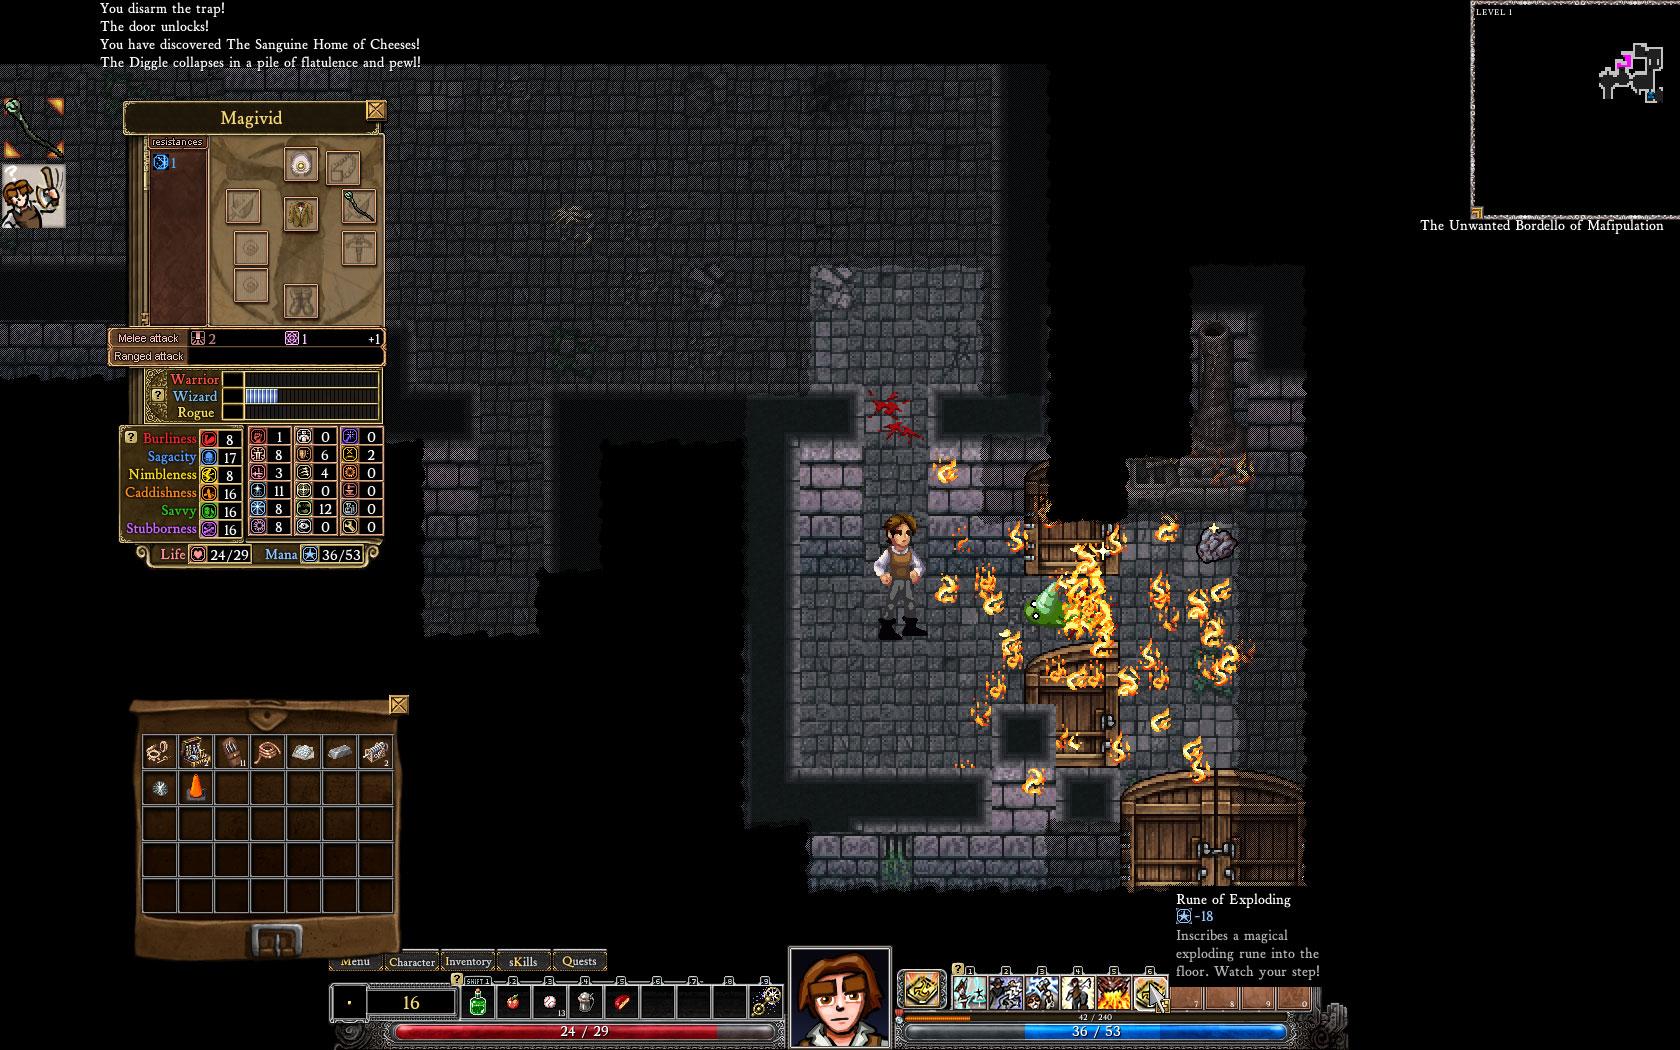 Dungeons of dredmor sur steam game side story for Bureau 13 rpg